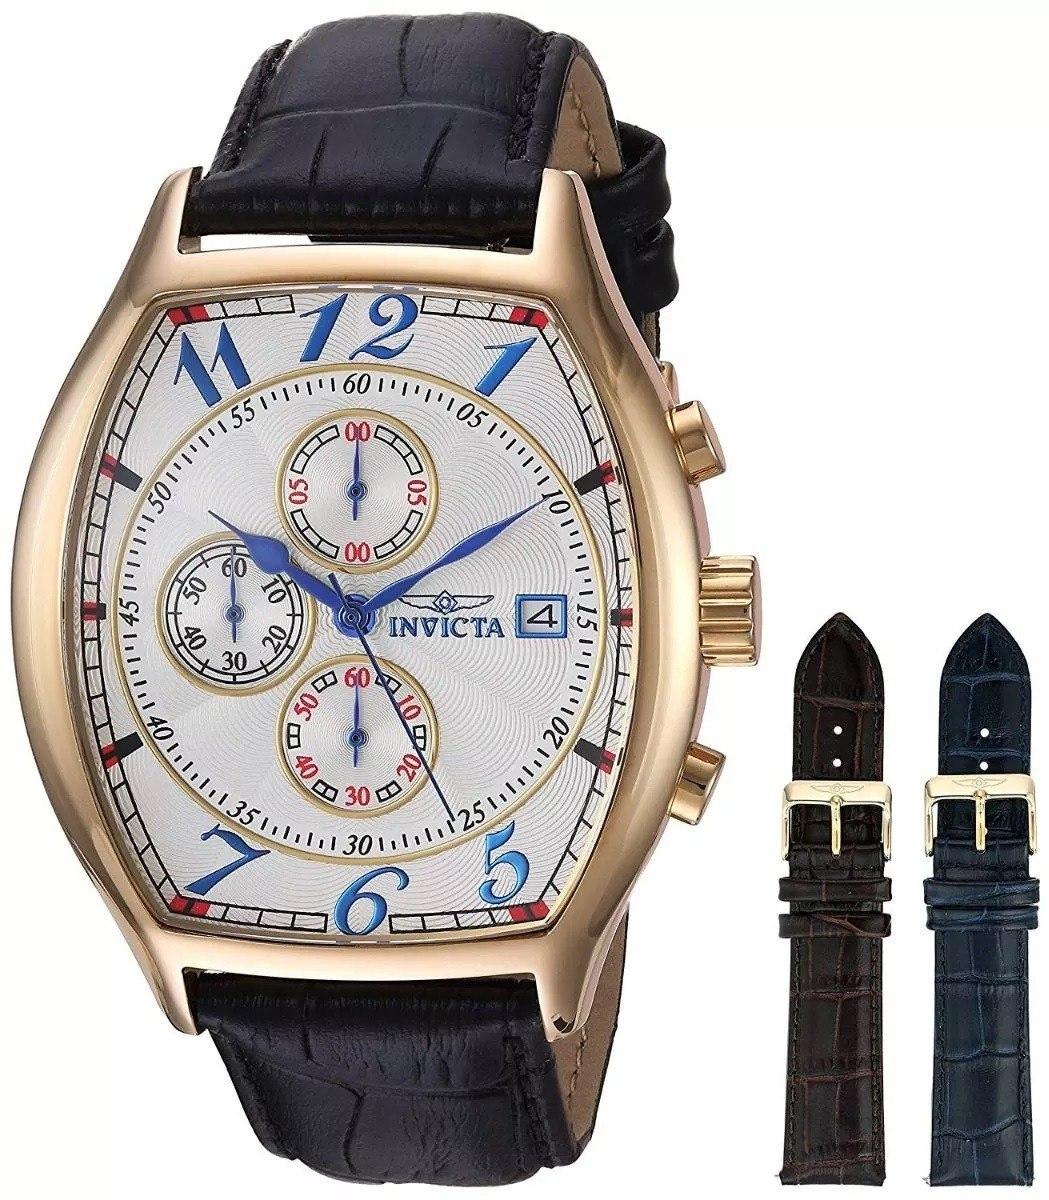 9f3efdd19f49 Reloj Invicta Edición Especial Oro De 18k 3 Correas De Piel ...